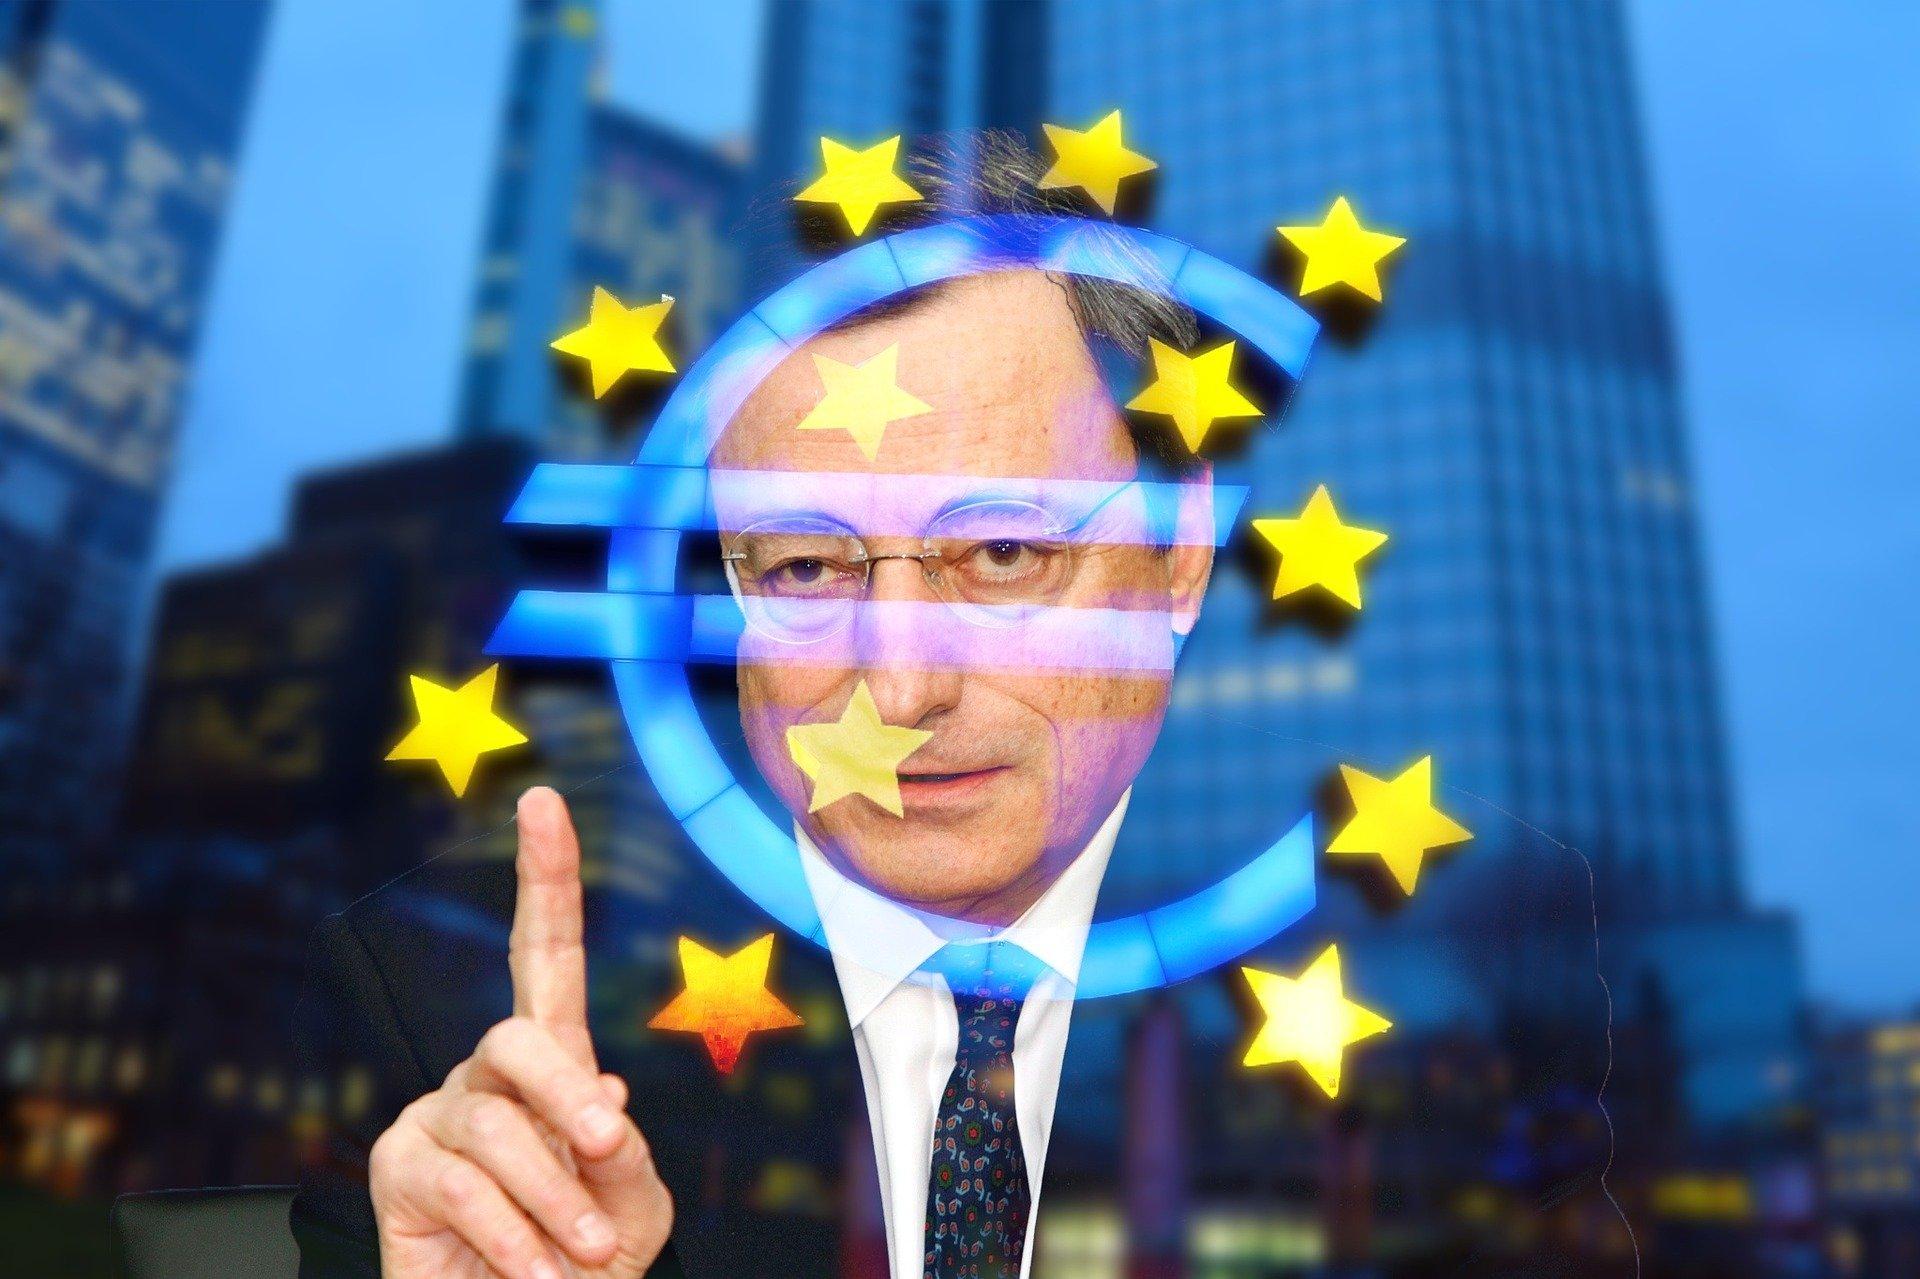 Crisi di governo: l'arrivo di Mario Draghi